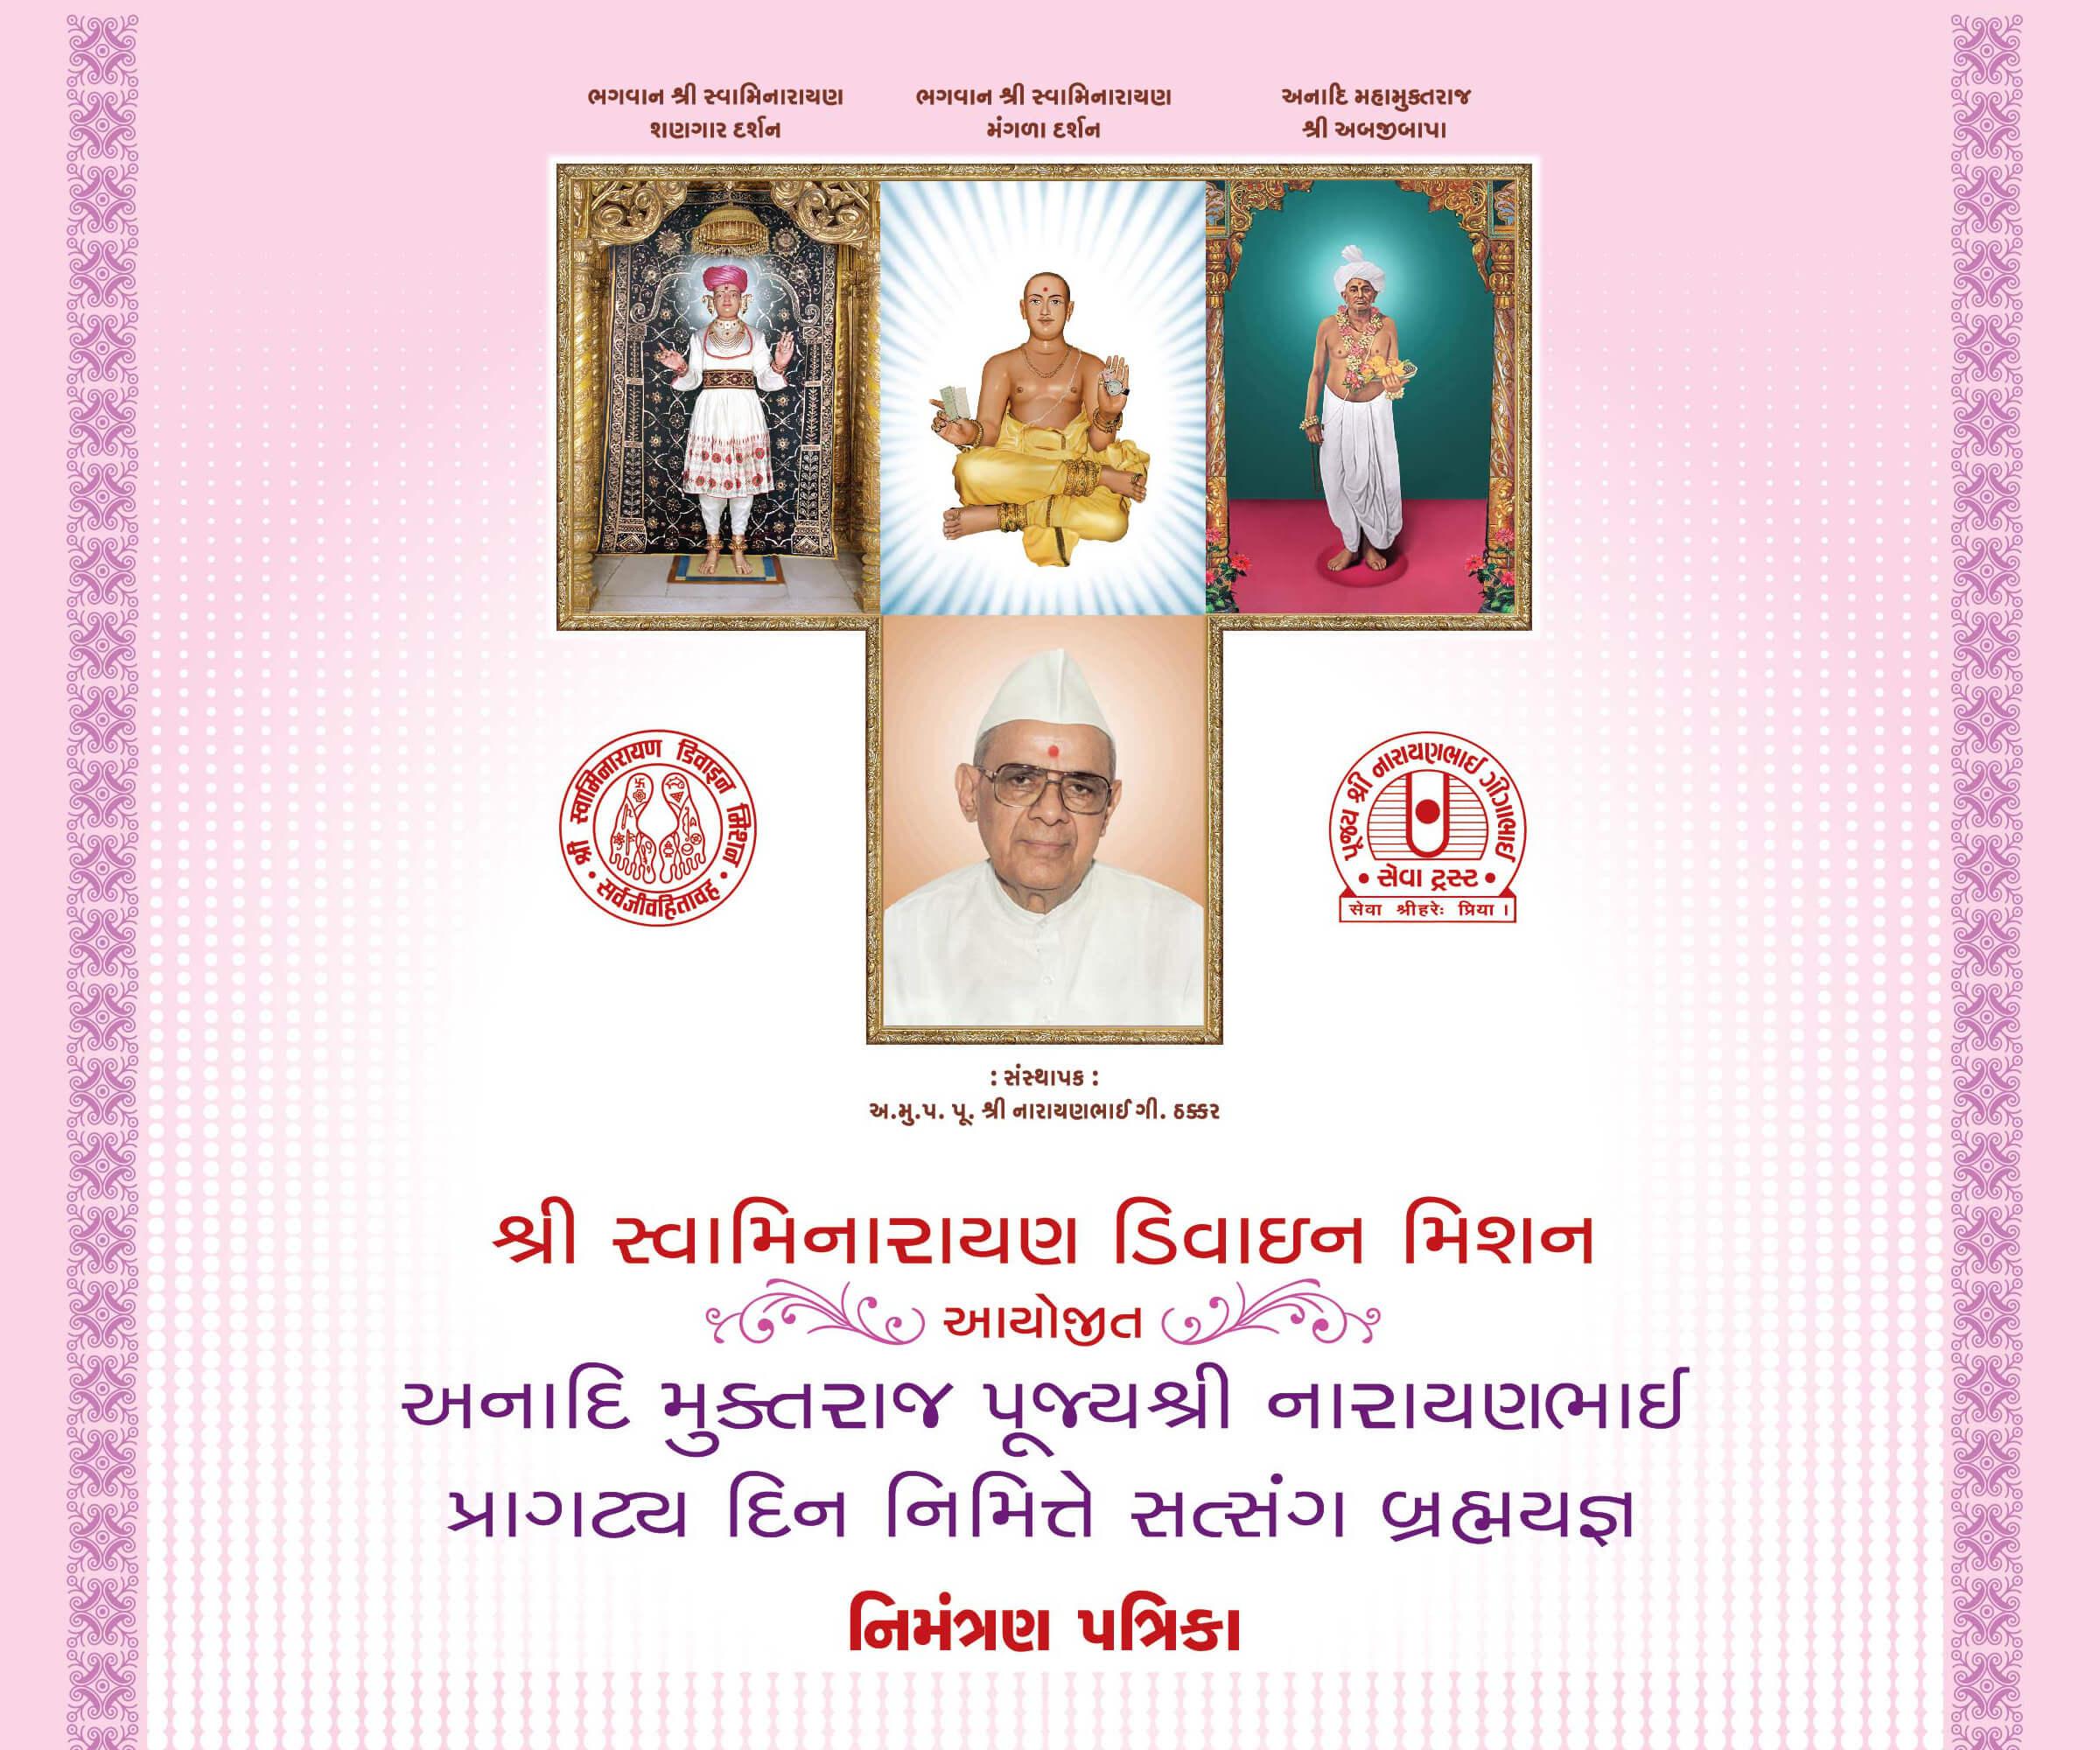 Watch Pujyashri Narayanbhai Pragtyadin Satsang Brahmyagna Dt 16-02-2019